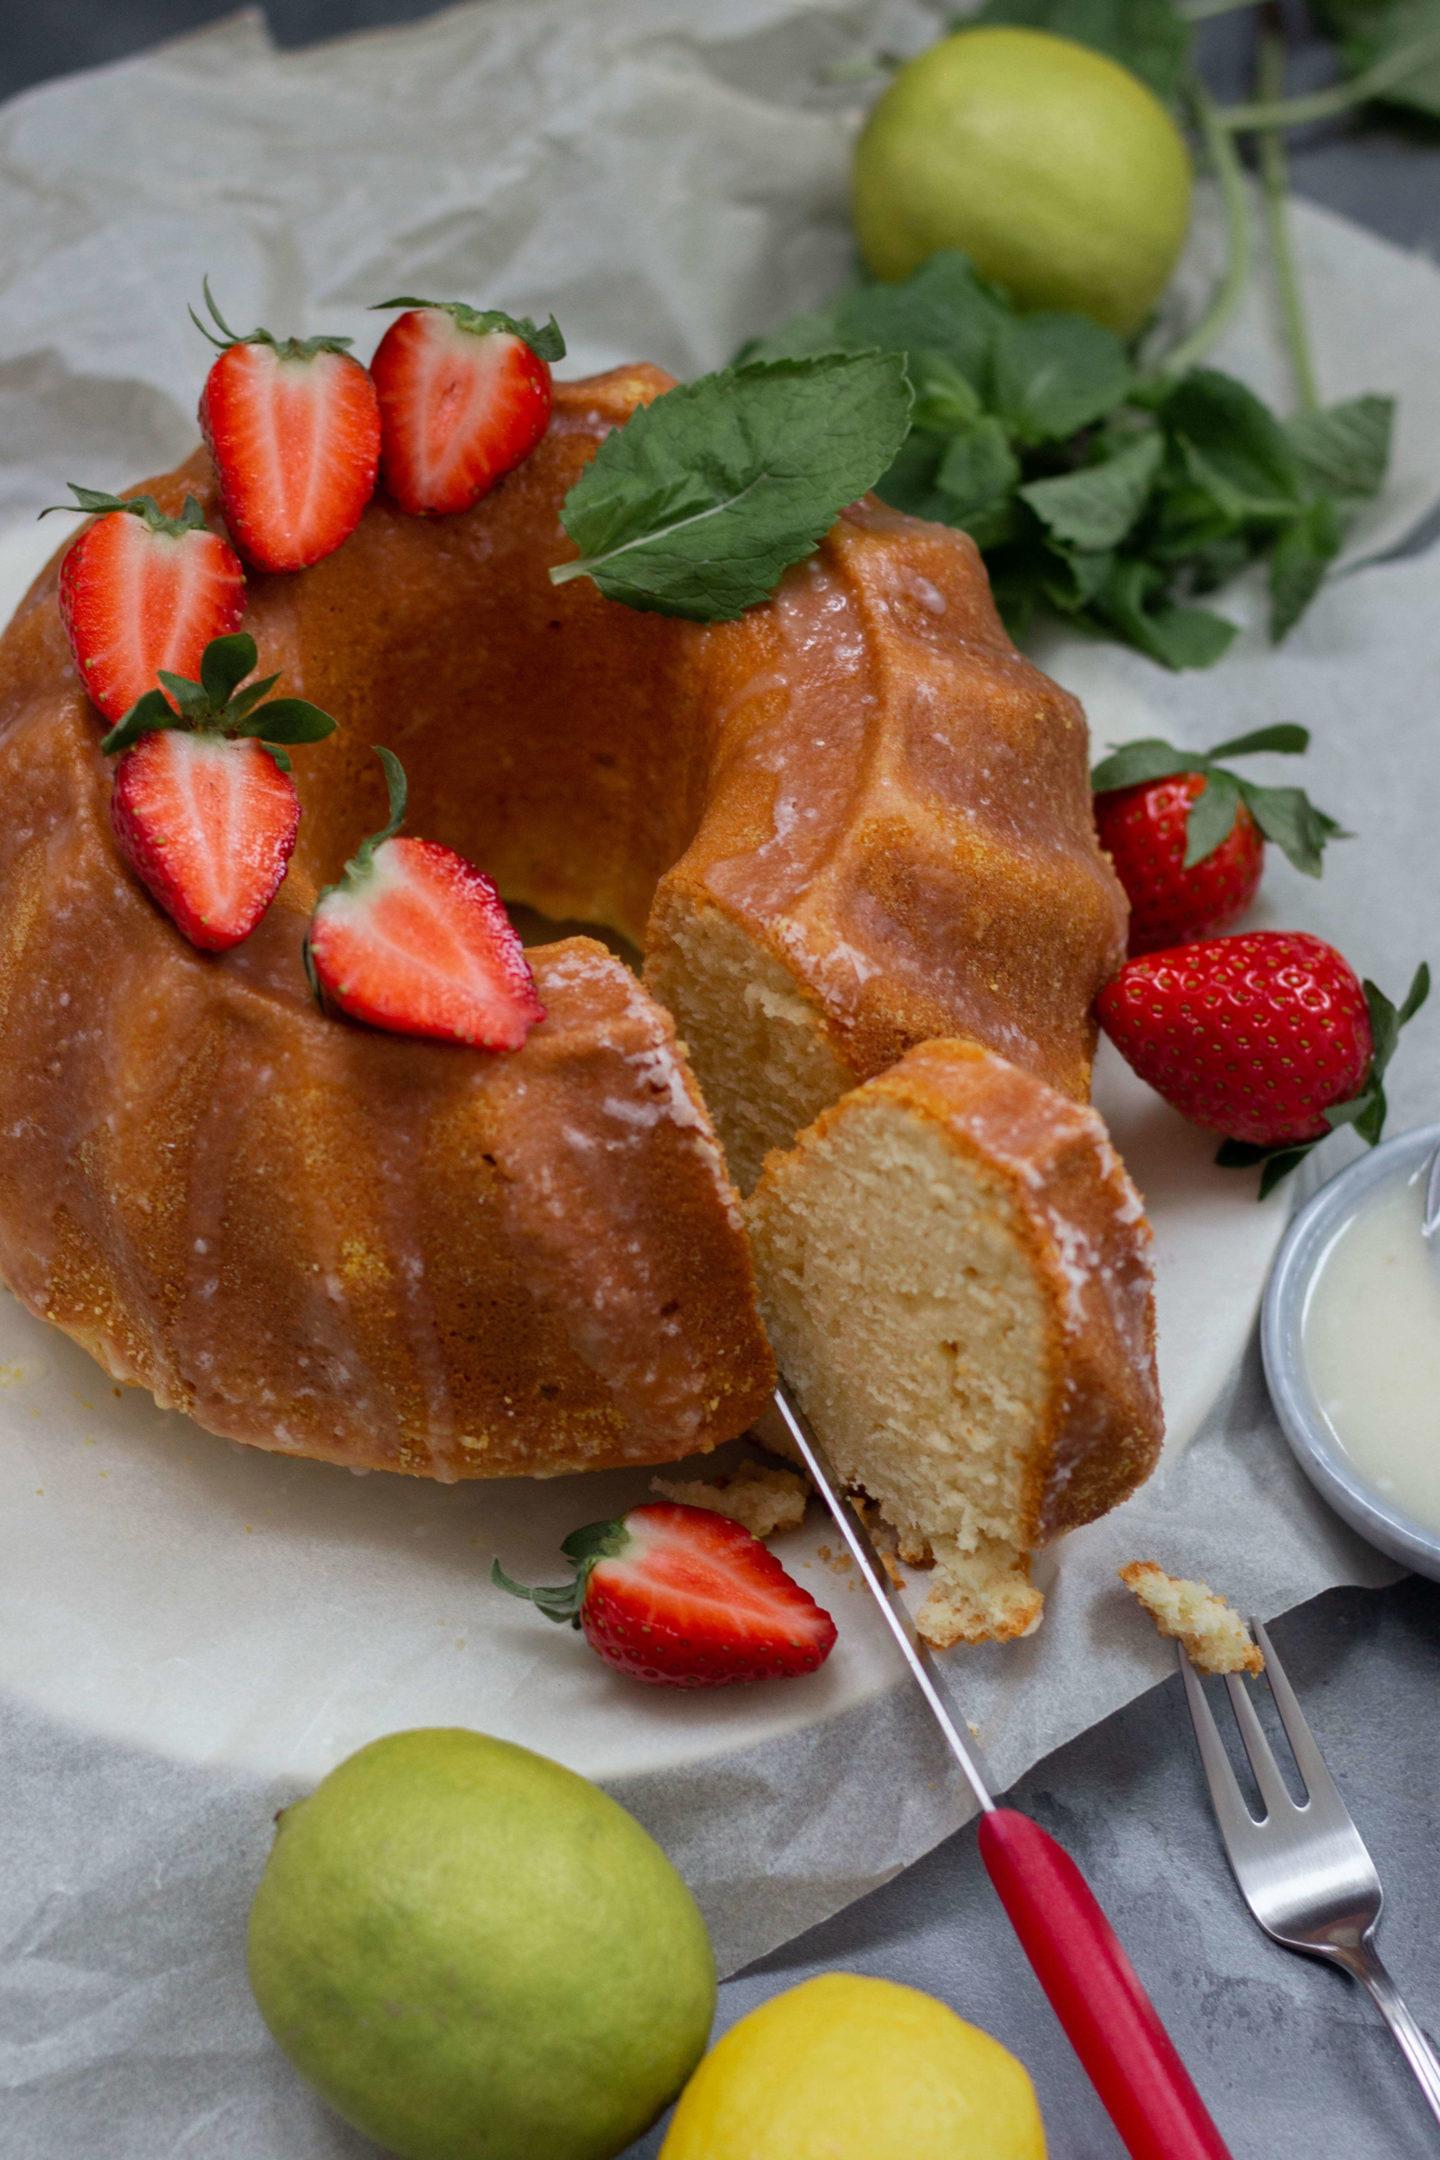 Zitronengugelhupfmit Joghurt- Food & Wohlfühlblog aus dem Mostviertel